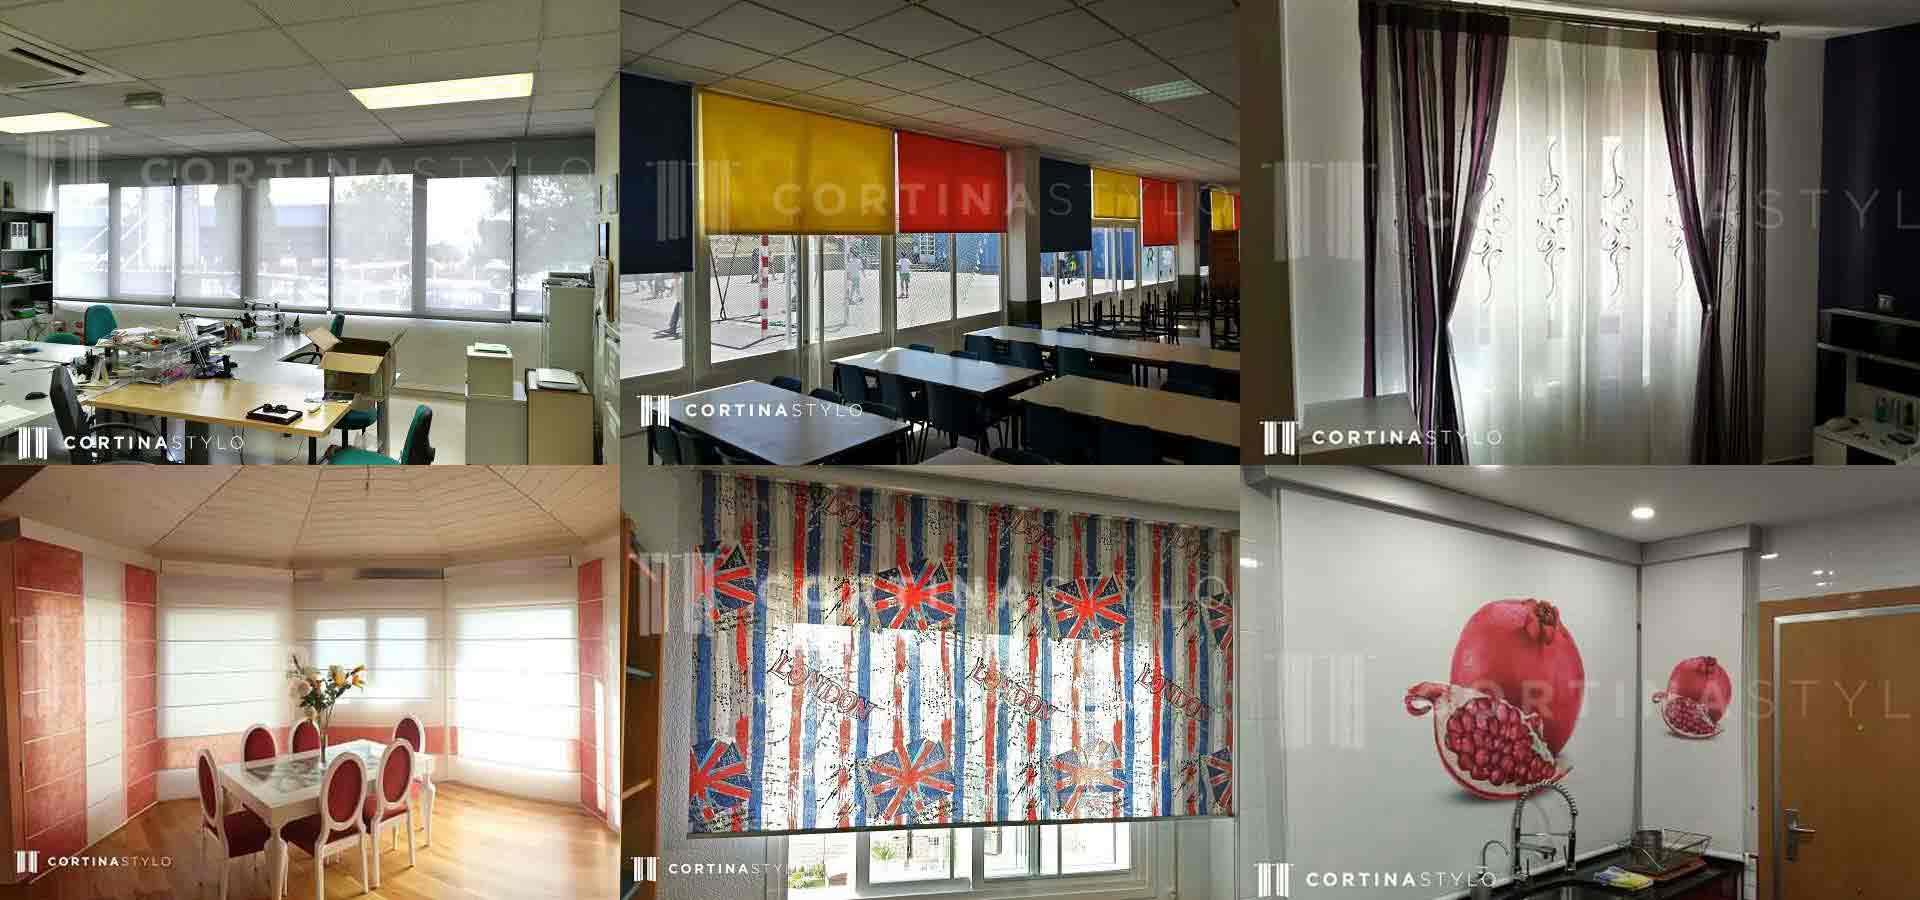 El mundo de las cortinas en madrid cortinas estores madrid - Cortinas y estores madrid ...